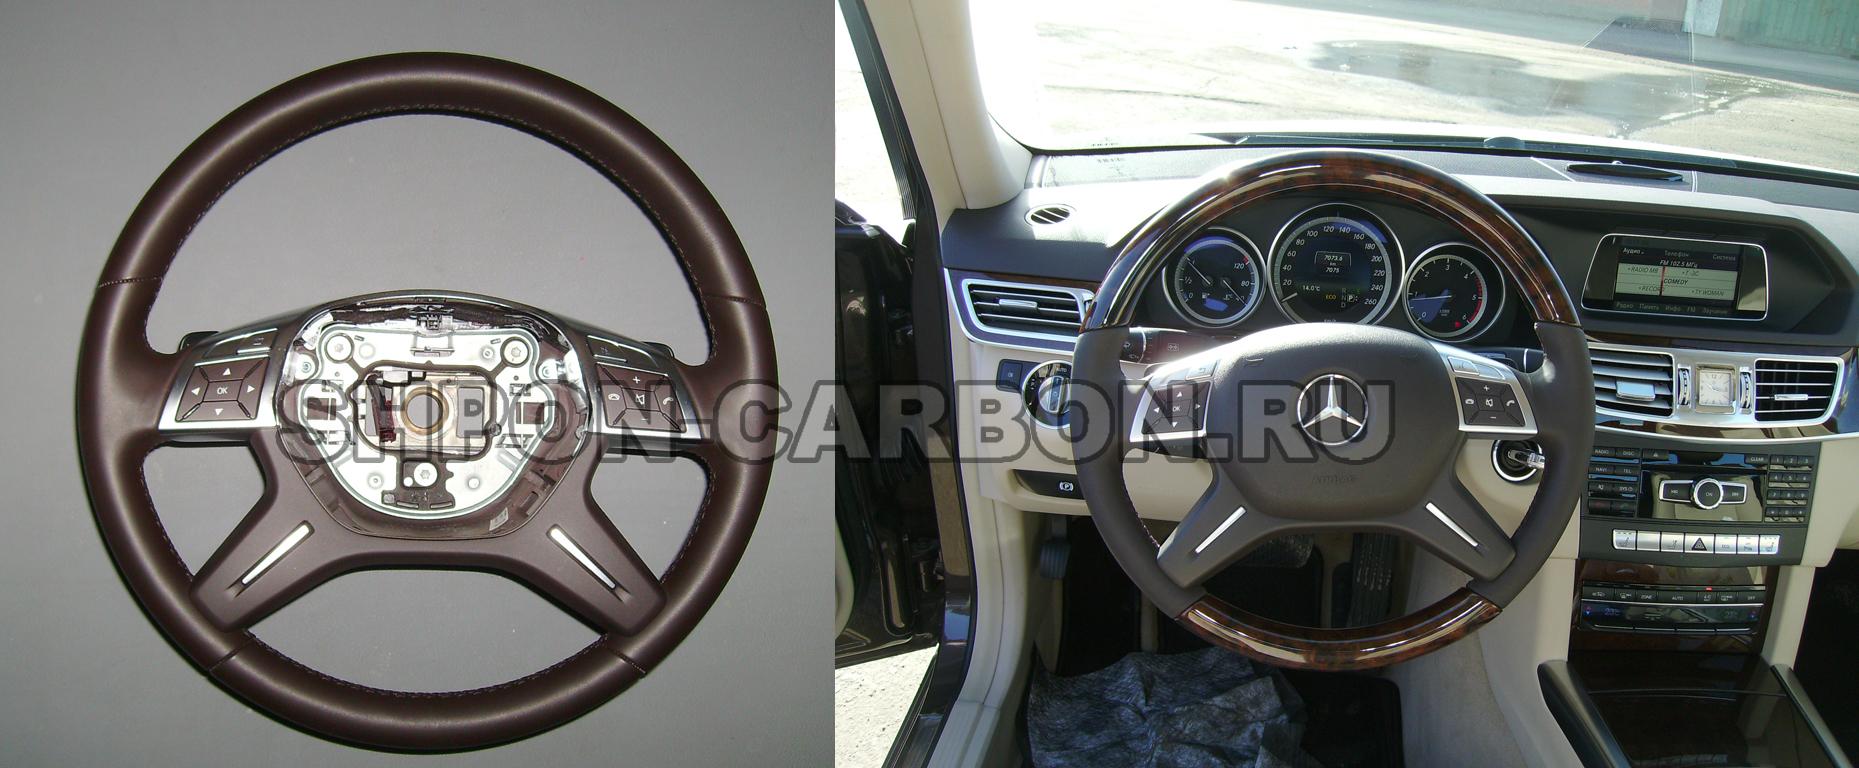 Изготовление декоративных вставок из натурального шпона (дерева) + сохранение подогрева + перетяжка руля в кожу Mercedes-Benz E-Class (Мерседес Е-класс)